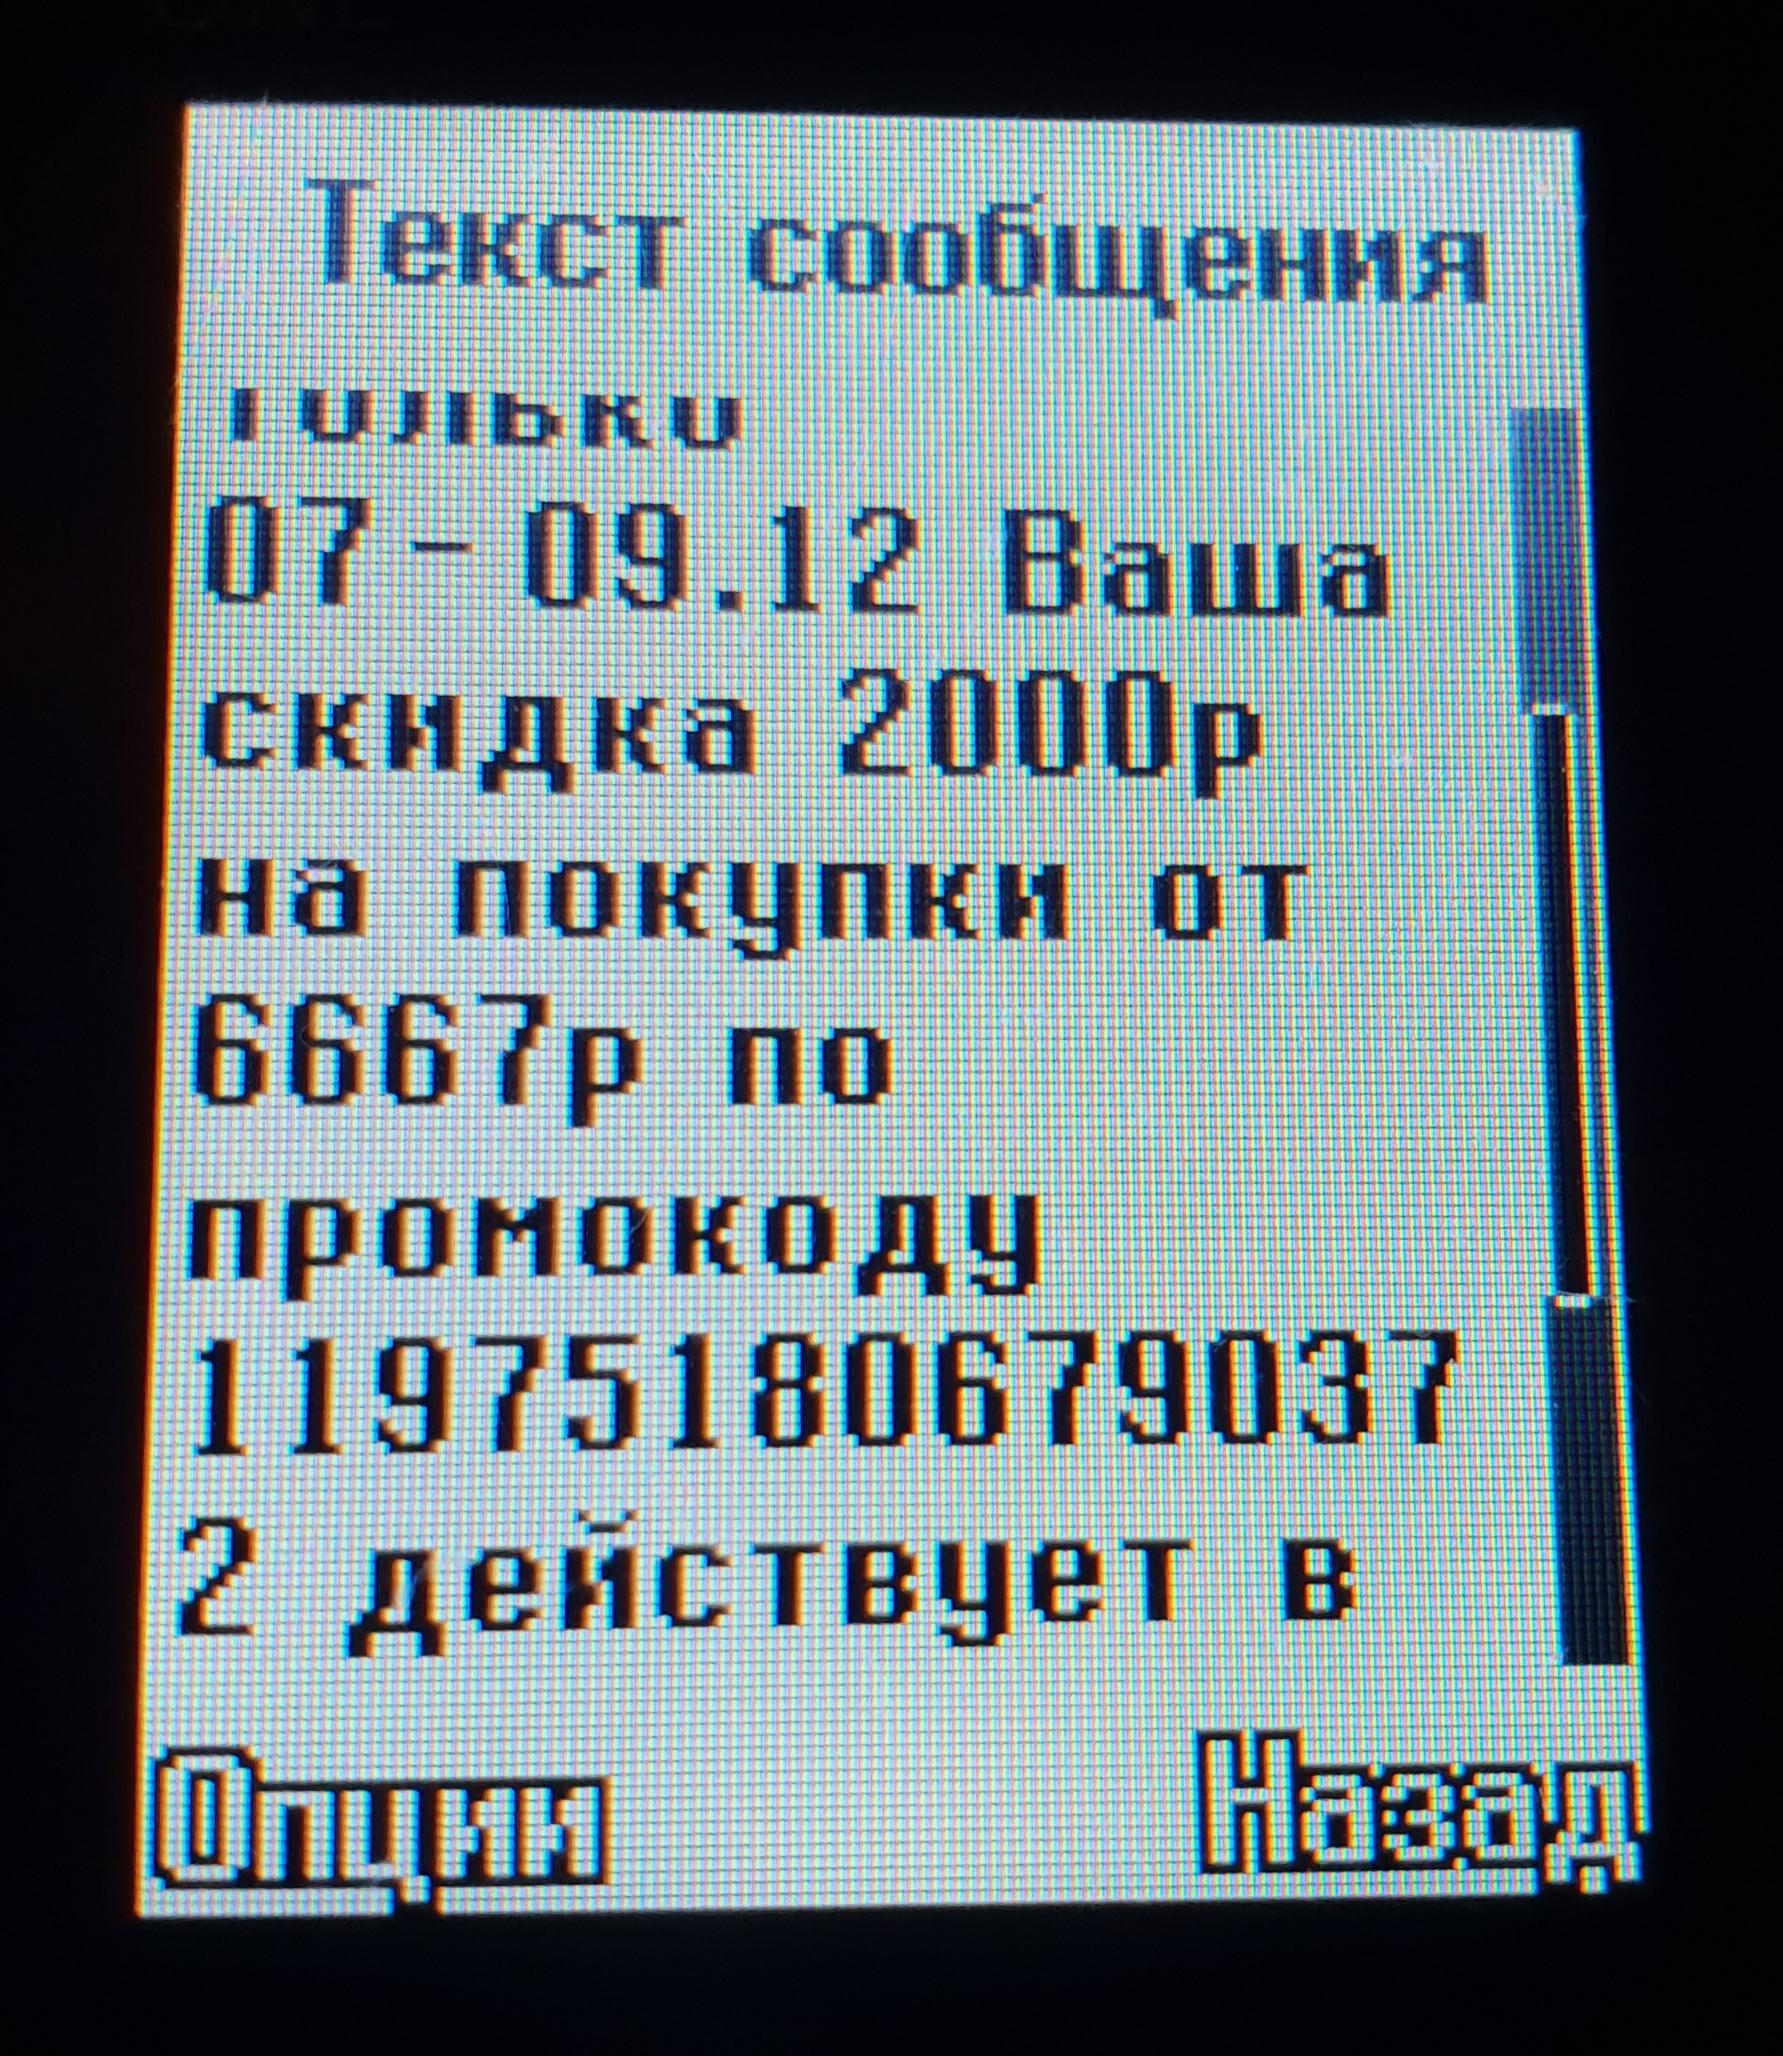 20181207_155043.jpg